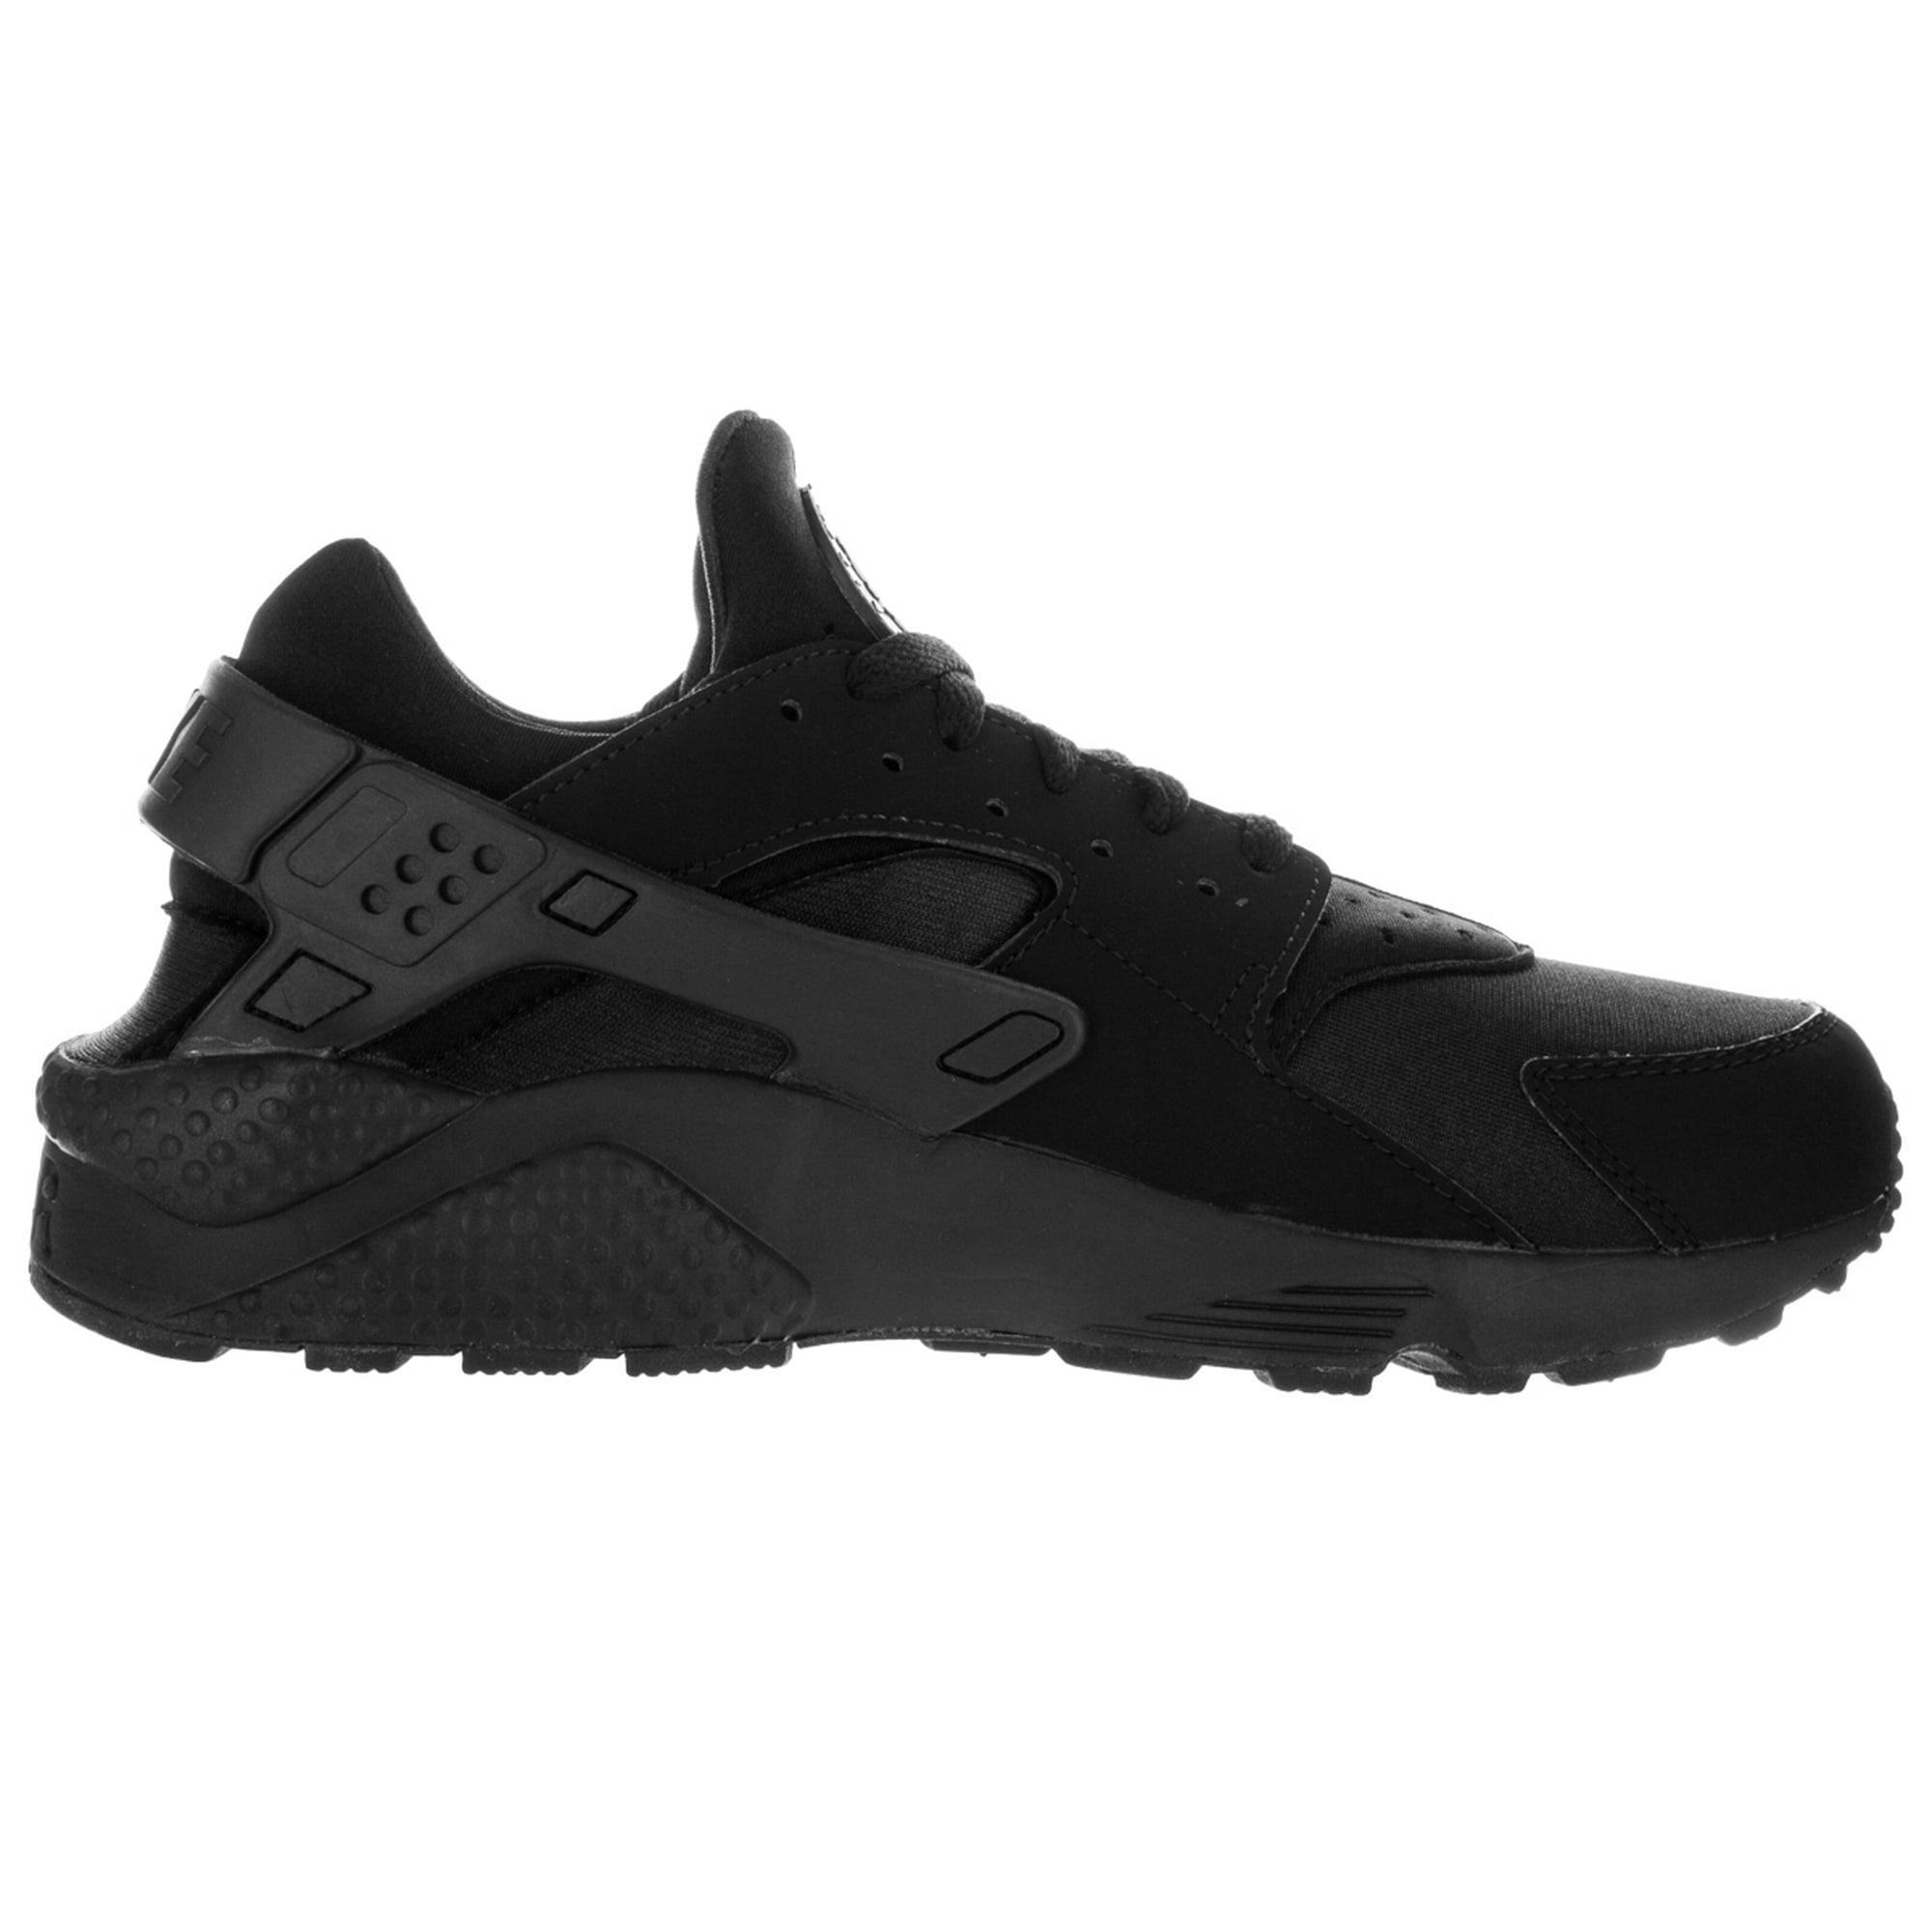 58e76a562a8b Buy Nike Men s Air Huarache Running Shoe